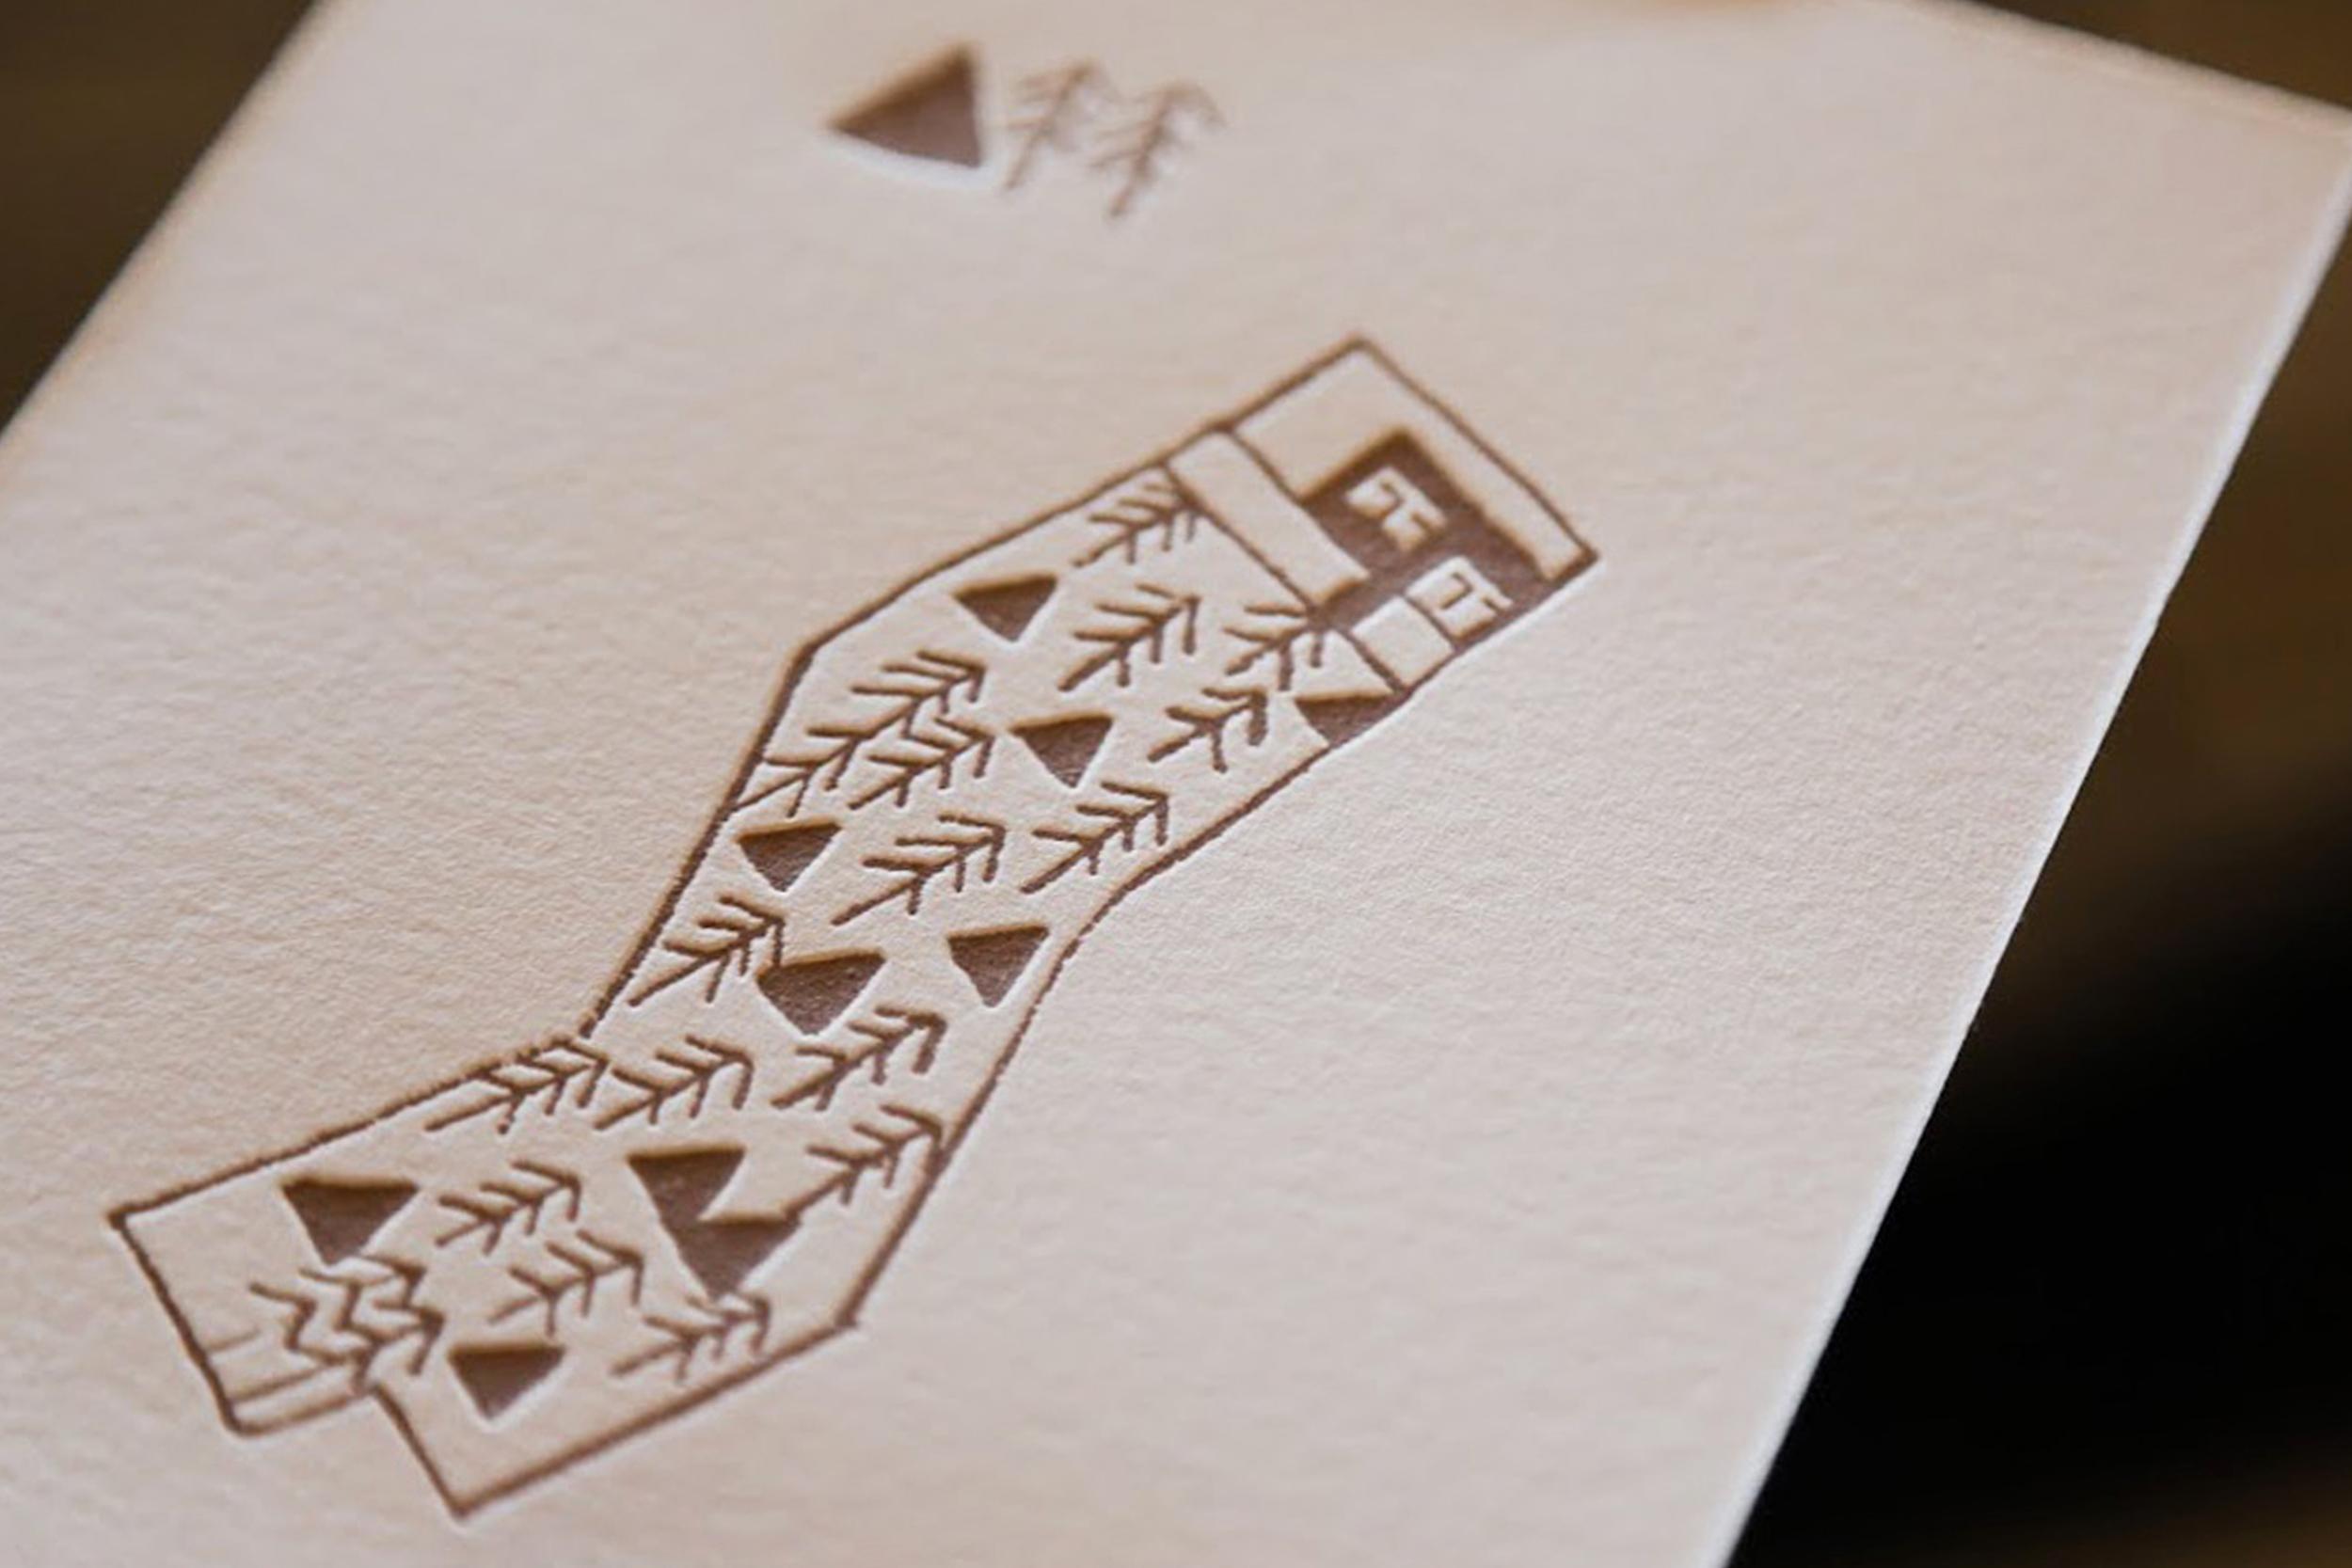 ediciones-cecilia-afonso-papel-principal-letterpress-imprenta-tipografica-1.jpg